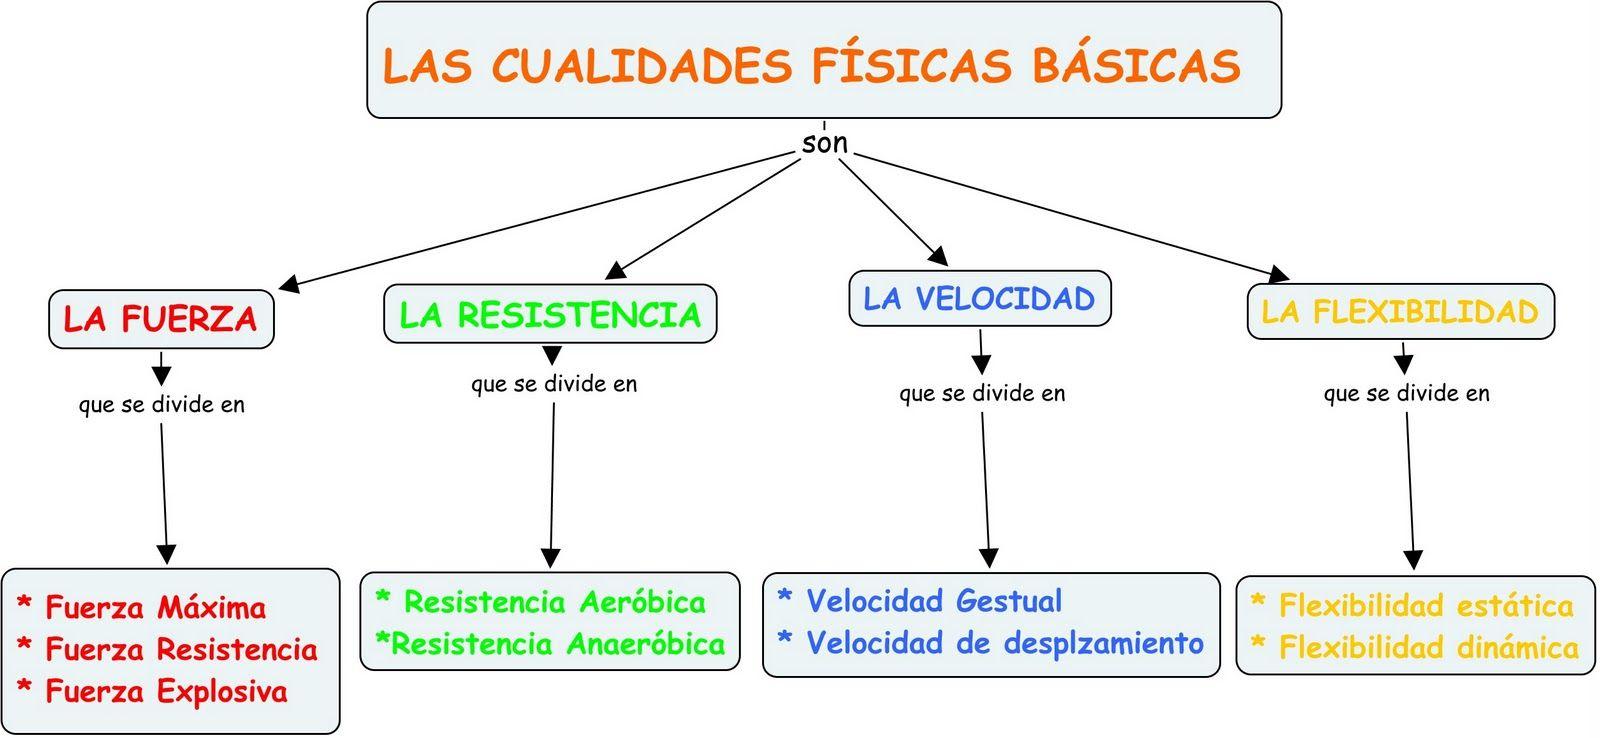 Capacidades Físicas Básicas Fuerza Resistencia Velocidad Flexibilidad Flashcards Chart Line Chart